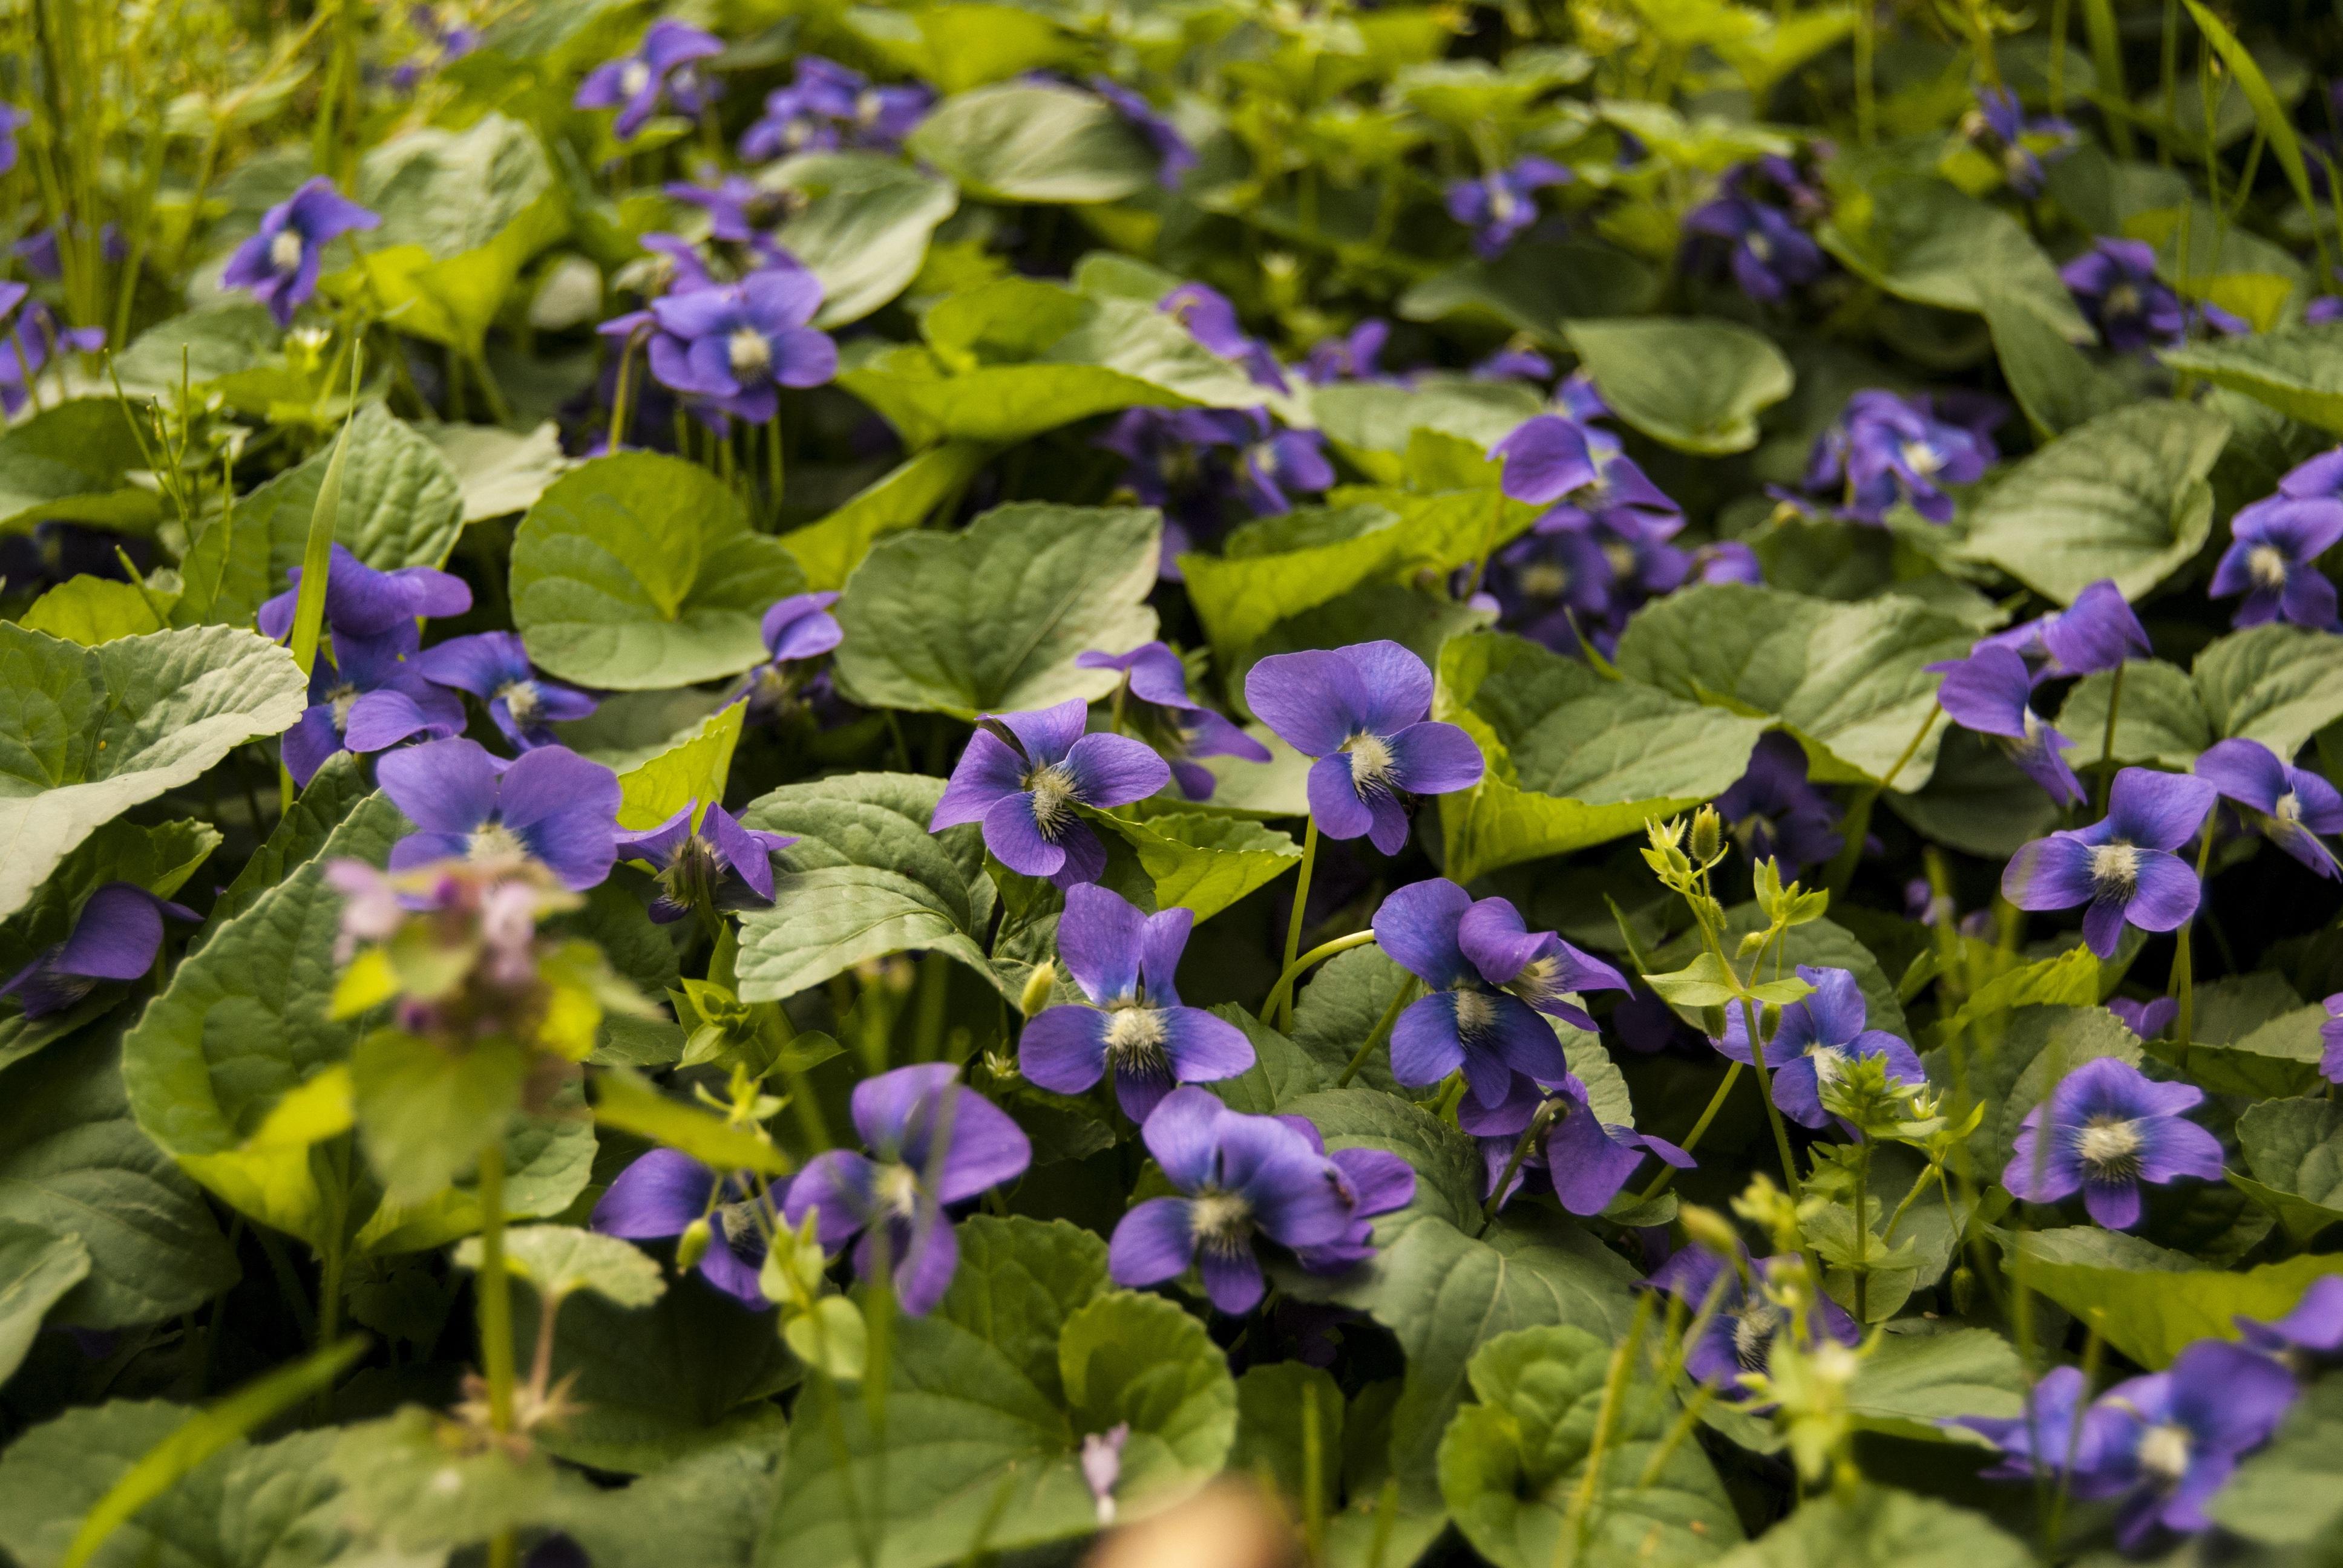 Images gratuites feuille fleur violet p tale printemps vert herbe frais botanique - Image fleur violette gratuite ...